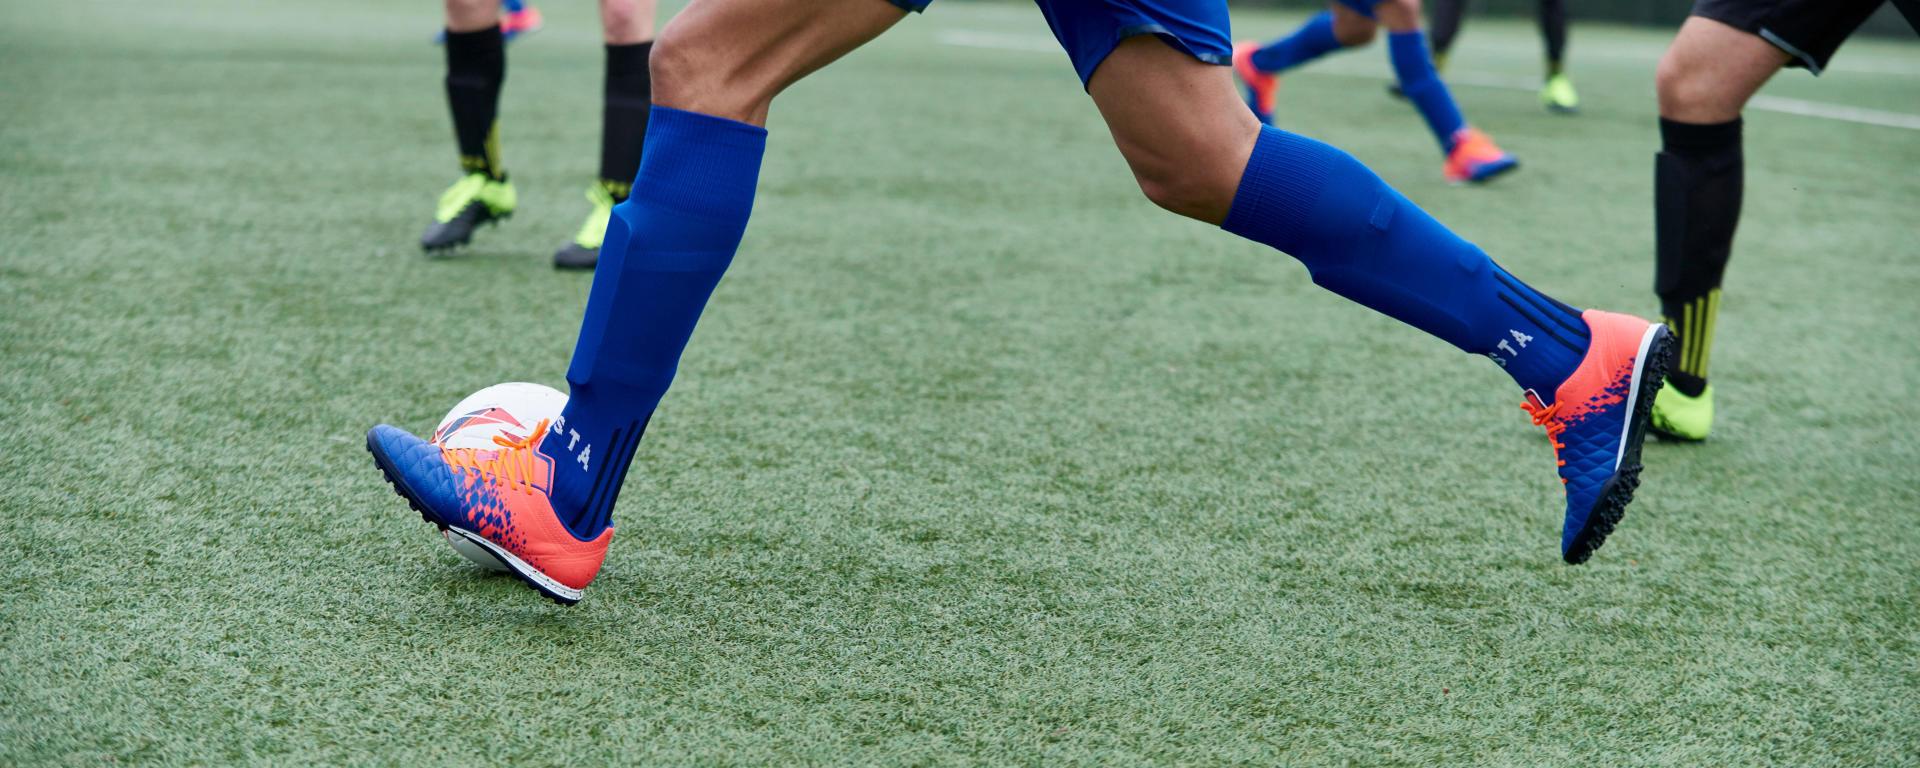 Footall : comment prendre soin de vos pieds